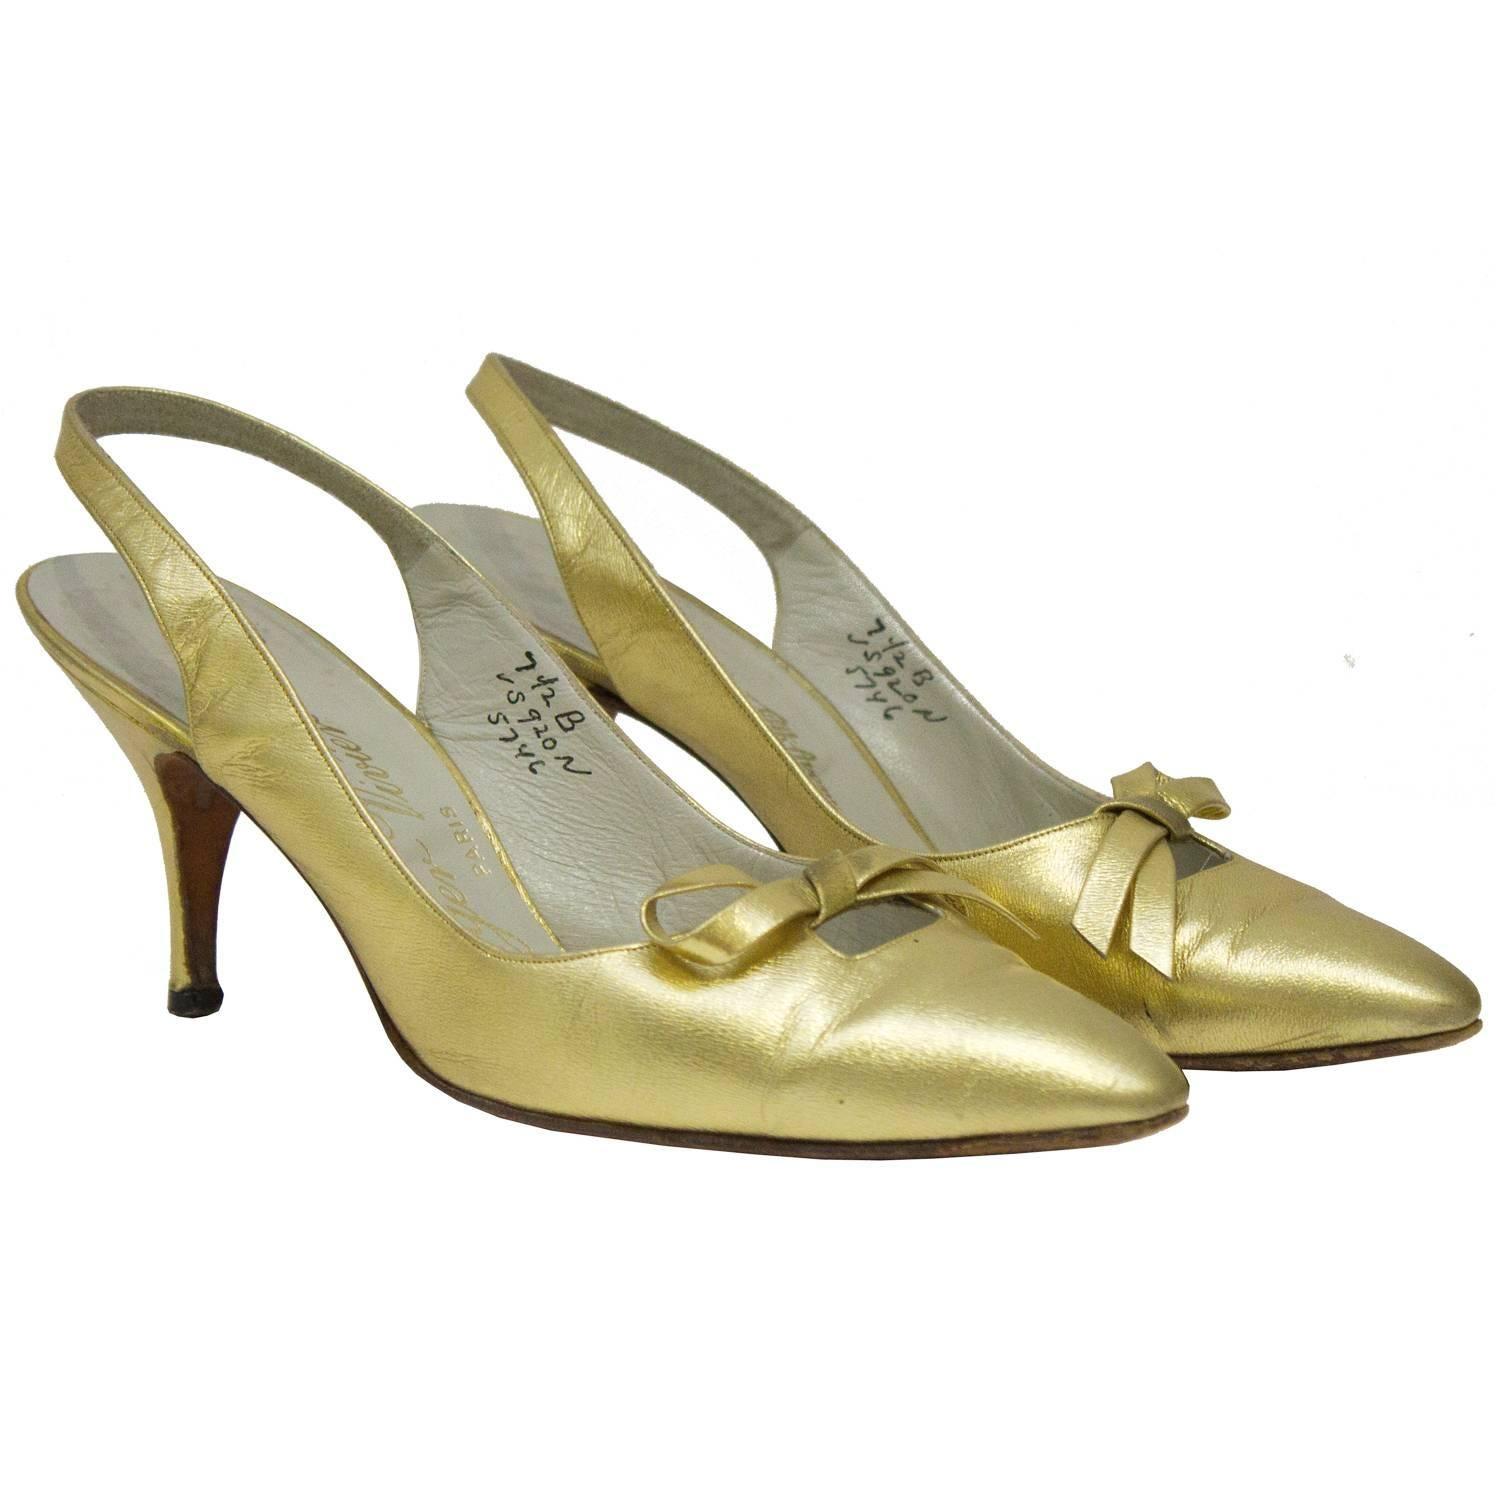 1950's Roger Vivier Gold Leather Slingbacks